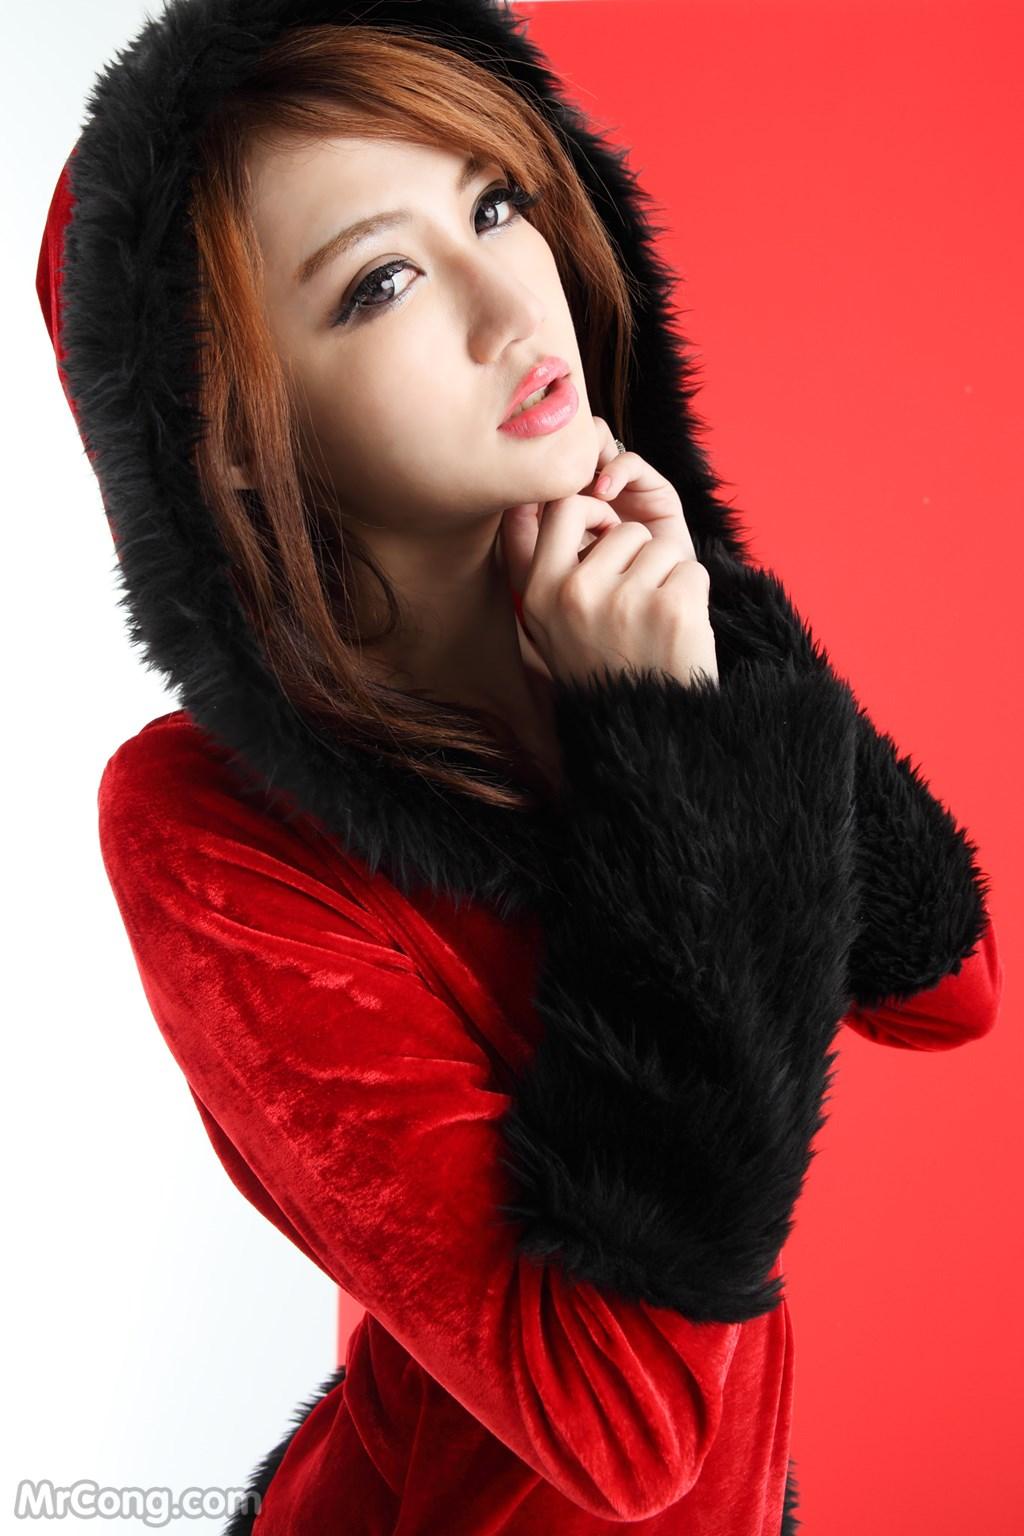 Image Girl-xinh-Dai-Loan-by-Joseph-Huang-Phan-1-MrCong.com-0034 in post Các cô gái Đài Loan qua góc chụp của Joseph Huang (黃阿文) - Phần 1 (1480 ảnh)